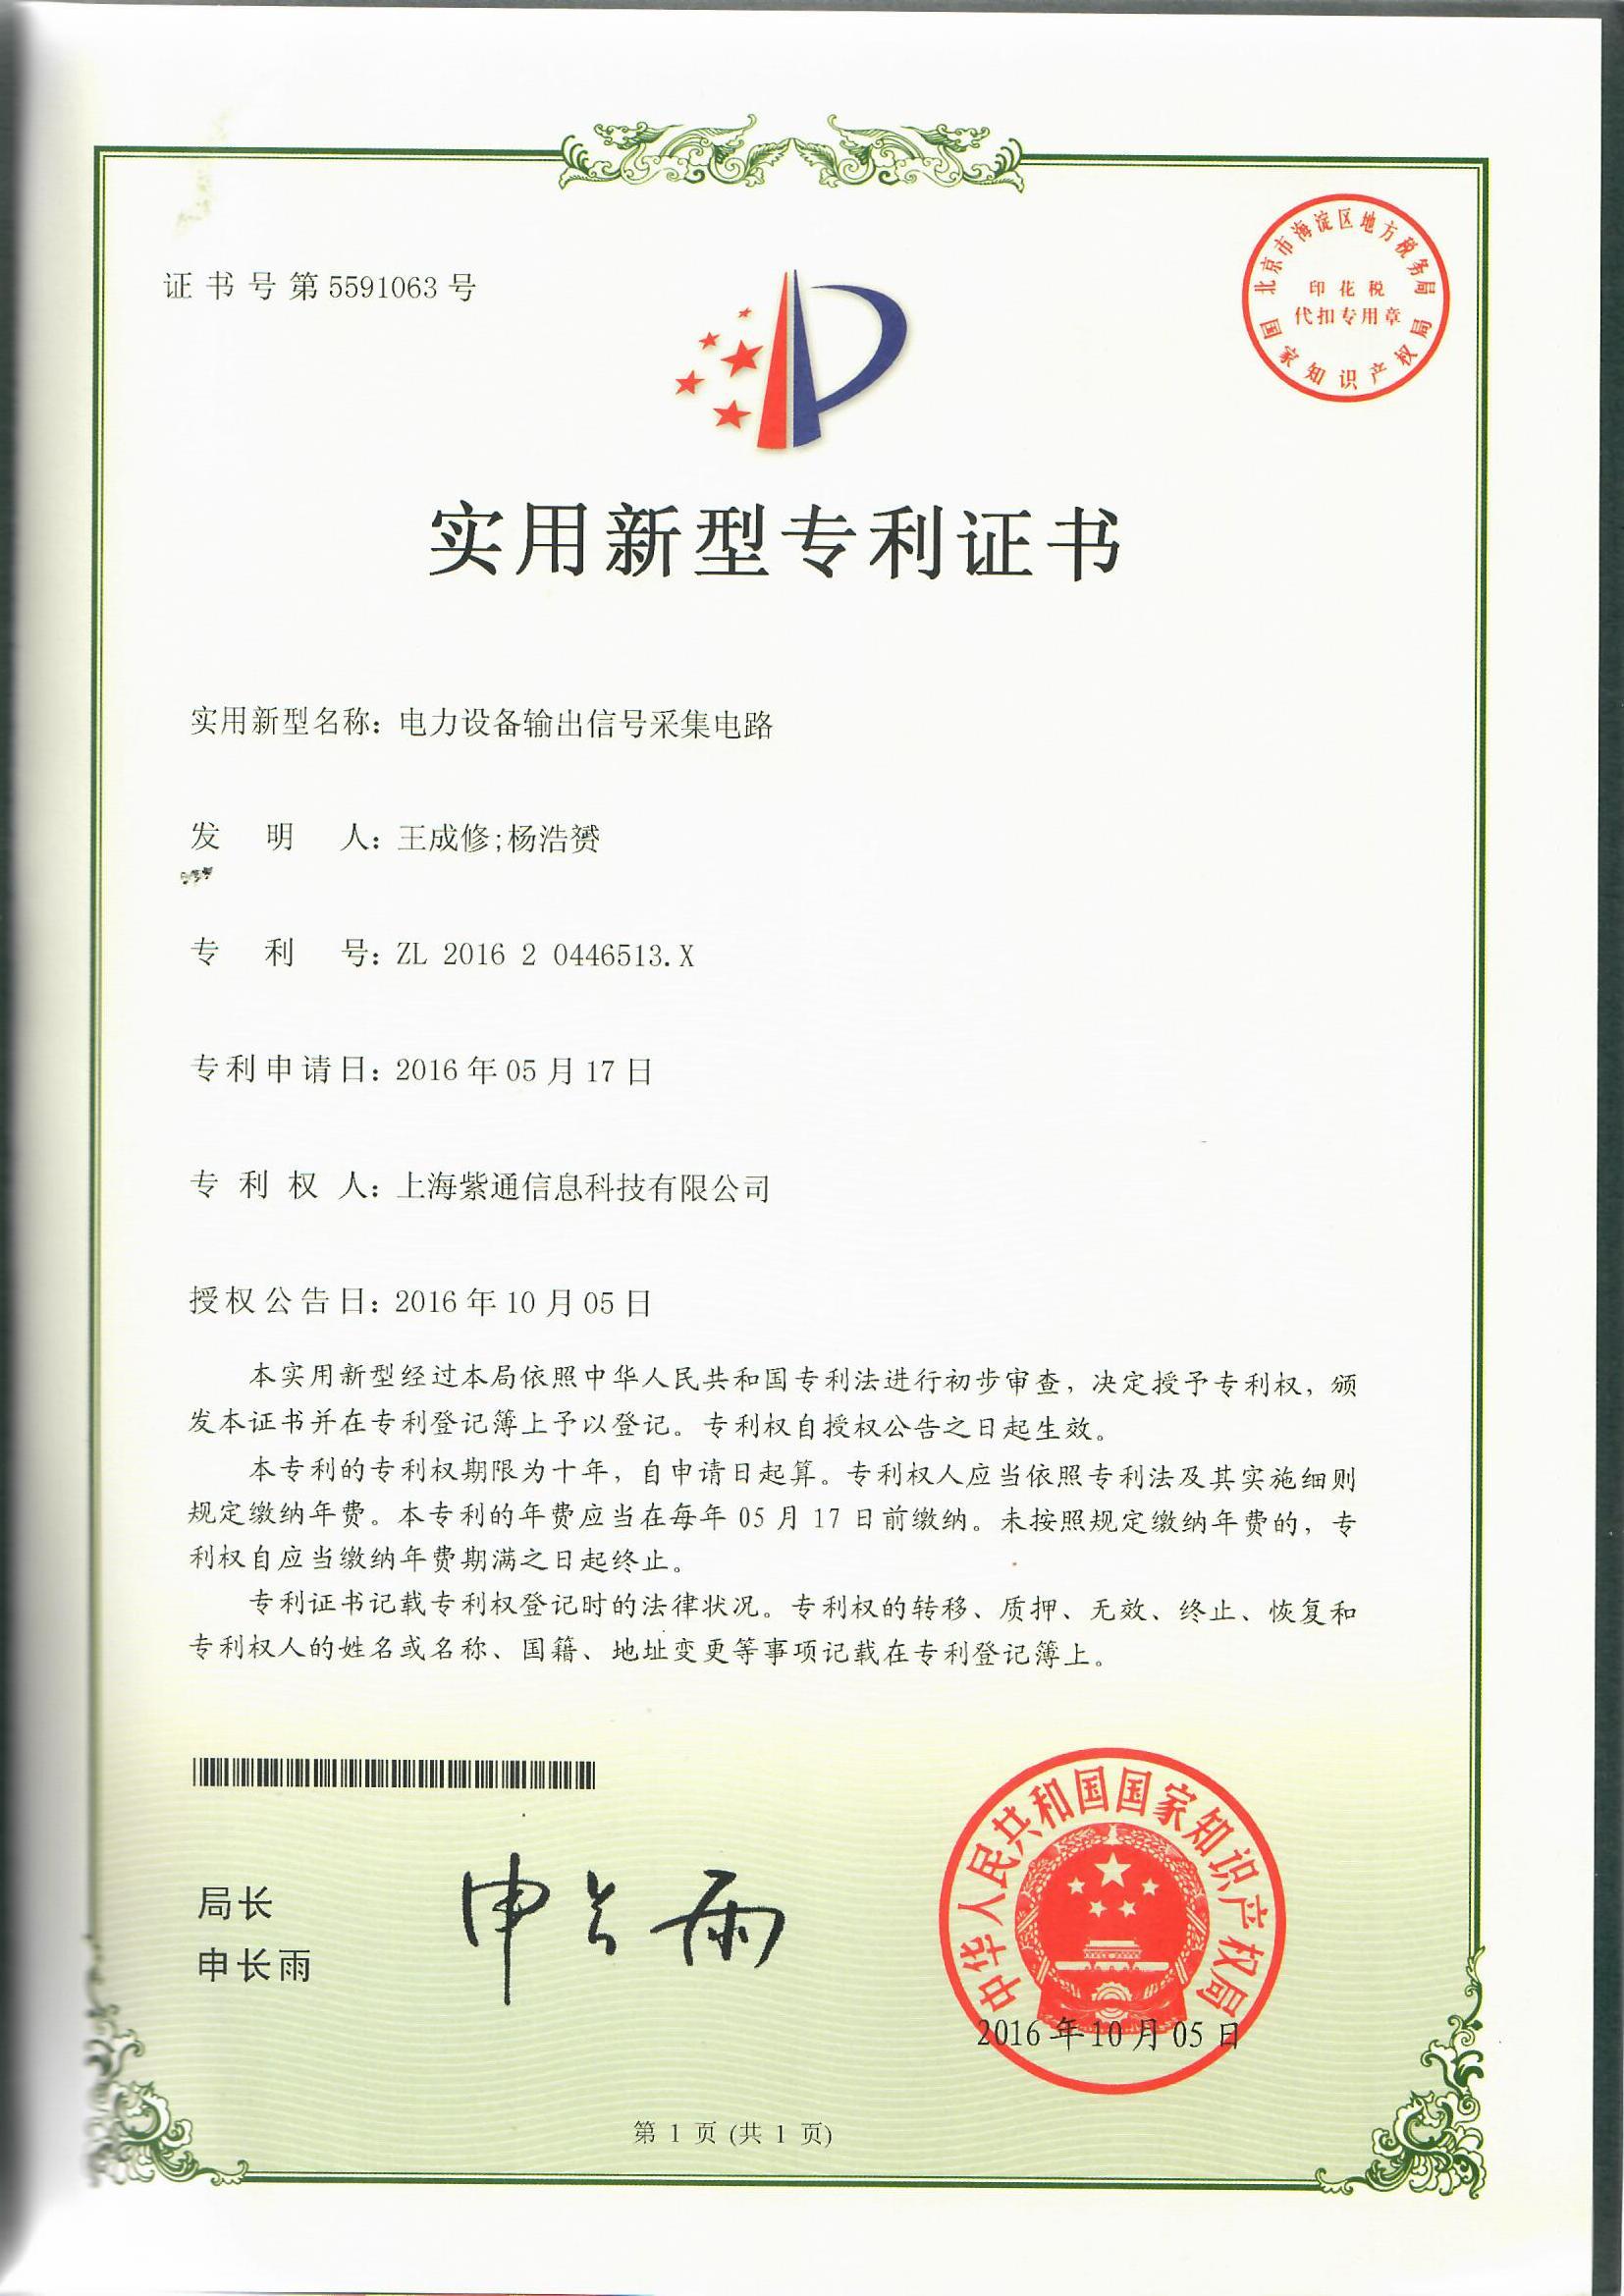 电力设备输出信号采集电路实用新型专利证书